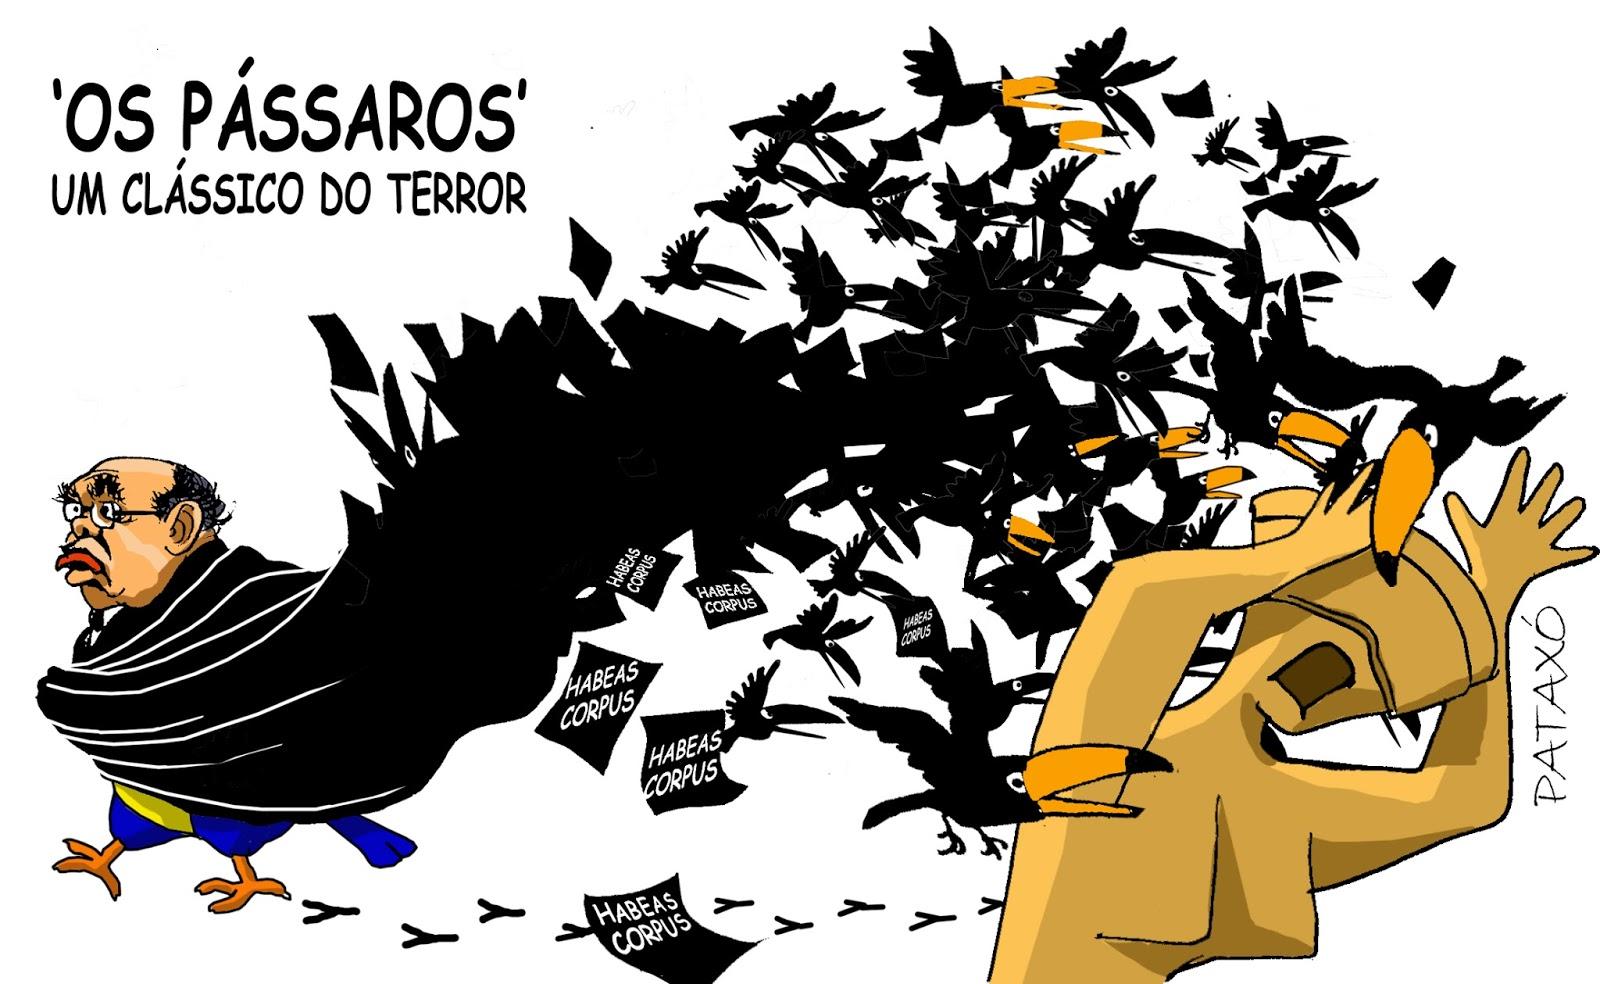 """Lava-Jato ironiza Gilmar Mendes e diz que as críticas dele não passam de """"devaneios"""" - Flávio Chaves"""